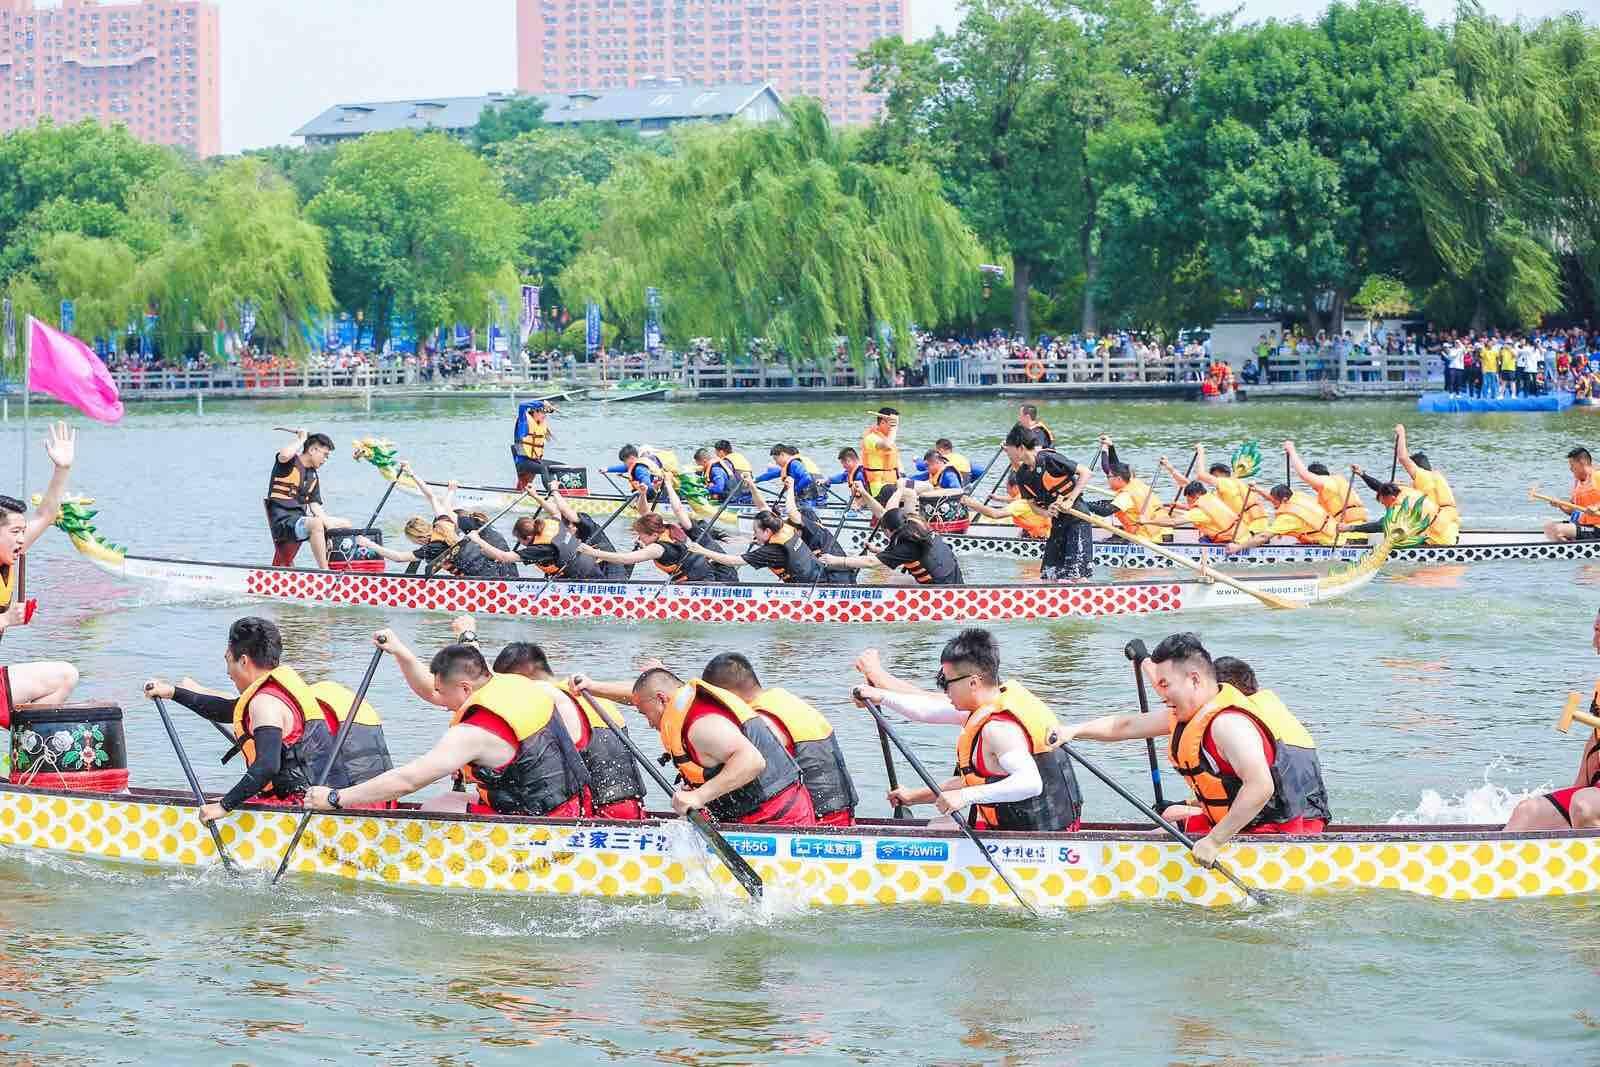 擂鼓声声 船桨齐舞 大明湖畔龙舟赛精彩上演